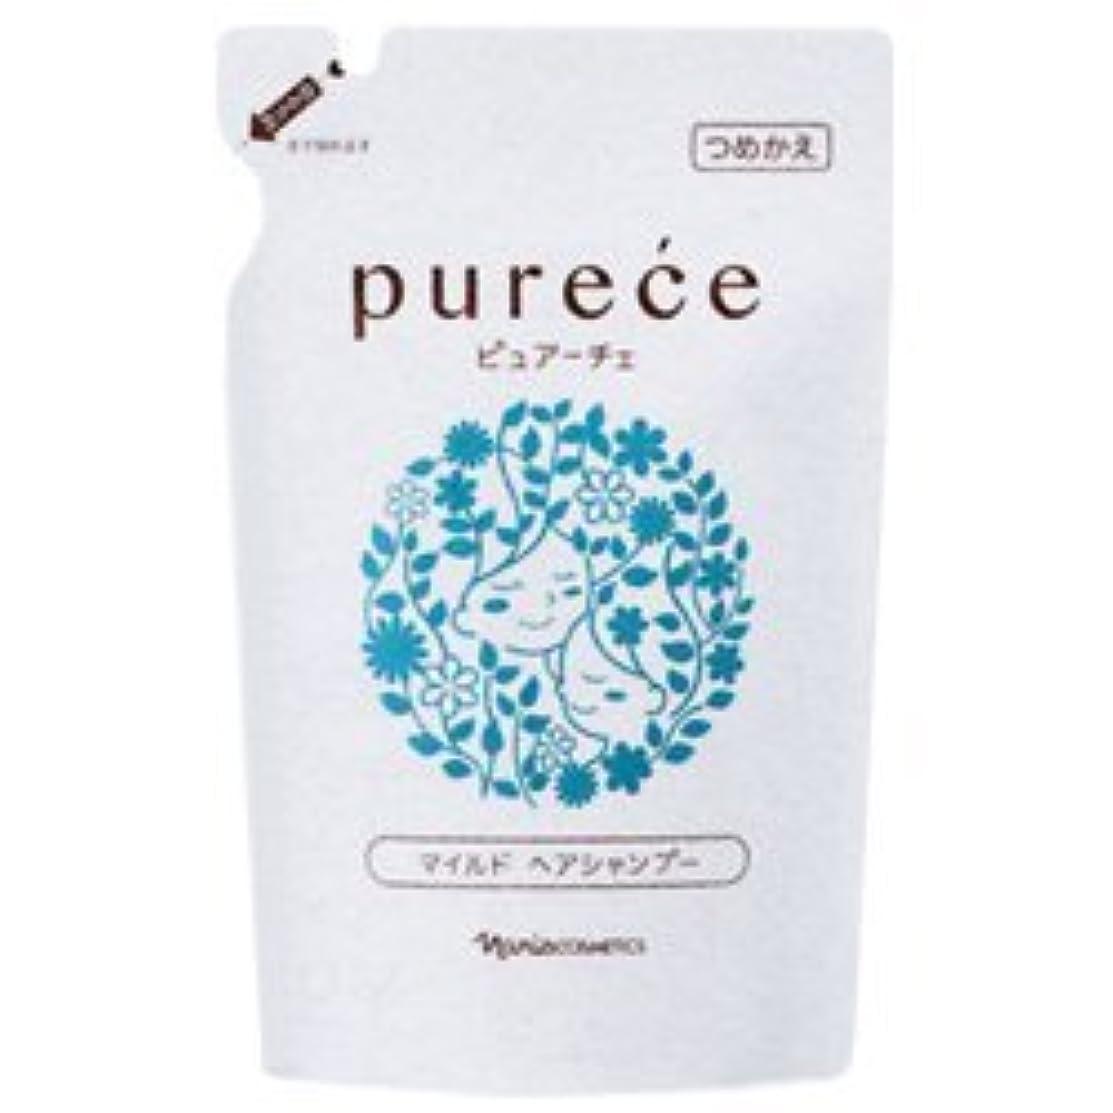 金貸し簡略化するプレゼンターナリス化粧品 ピュアーチェ(PURECE) マイルドヘアシャンプーLS カエ 450ml [レフィル]